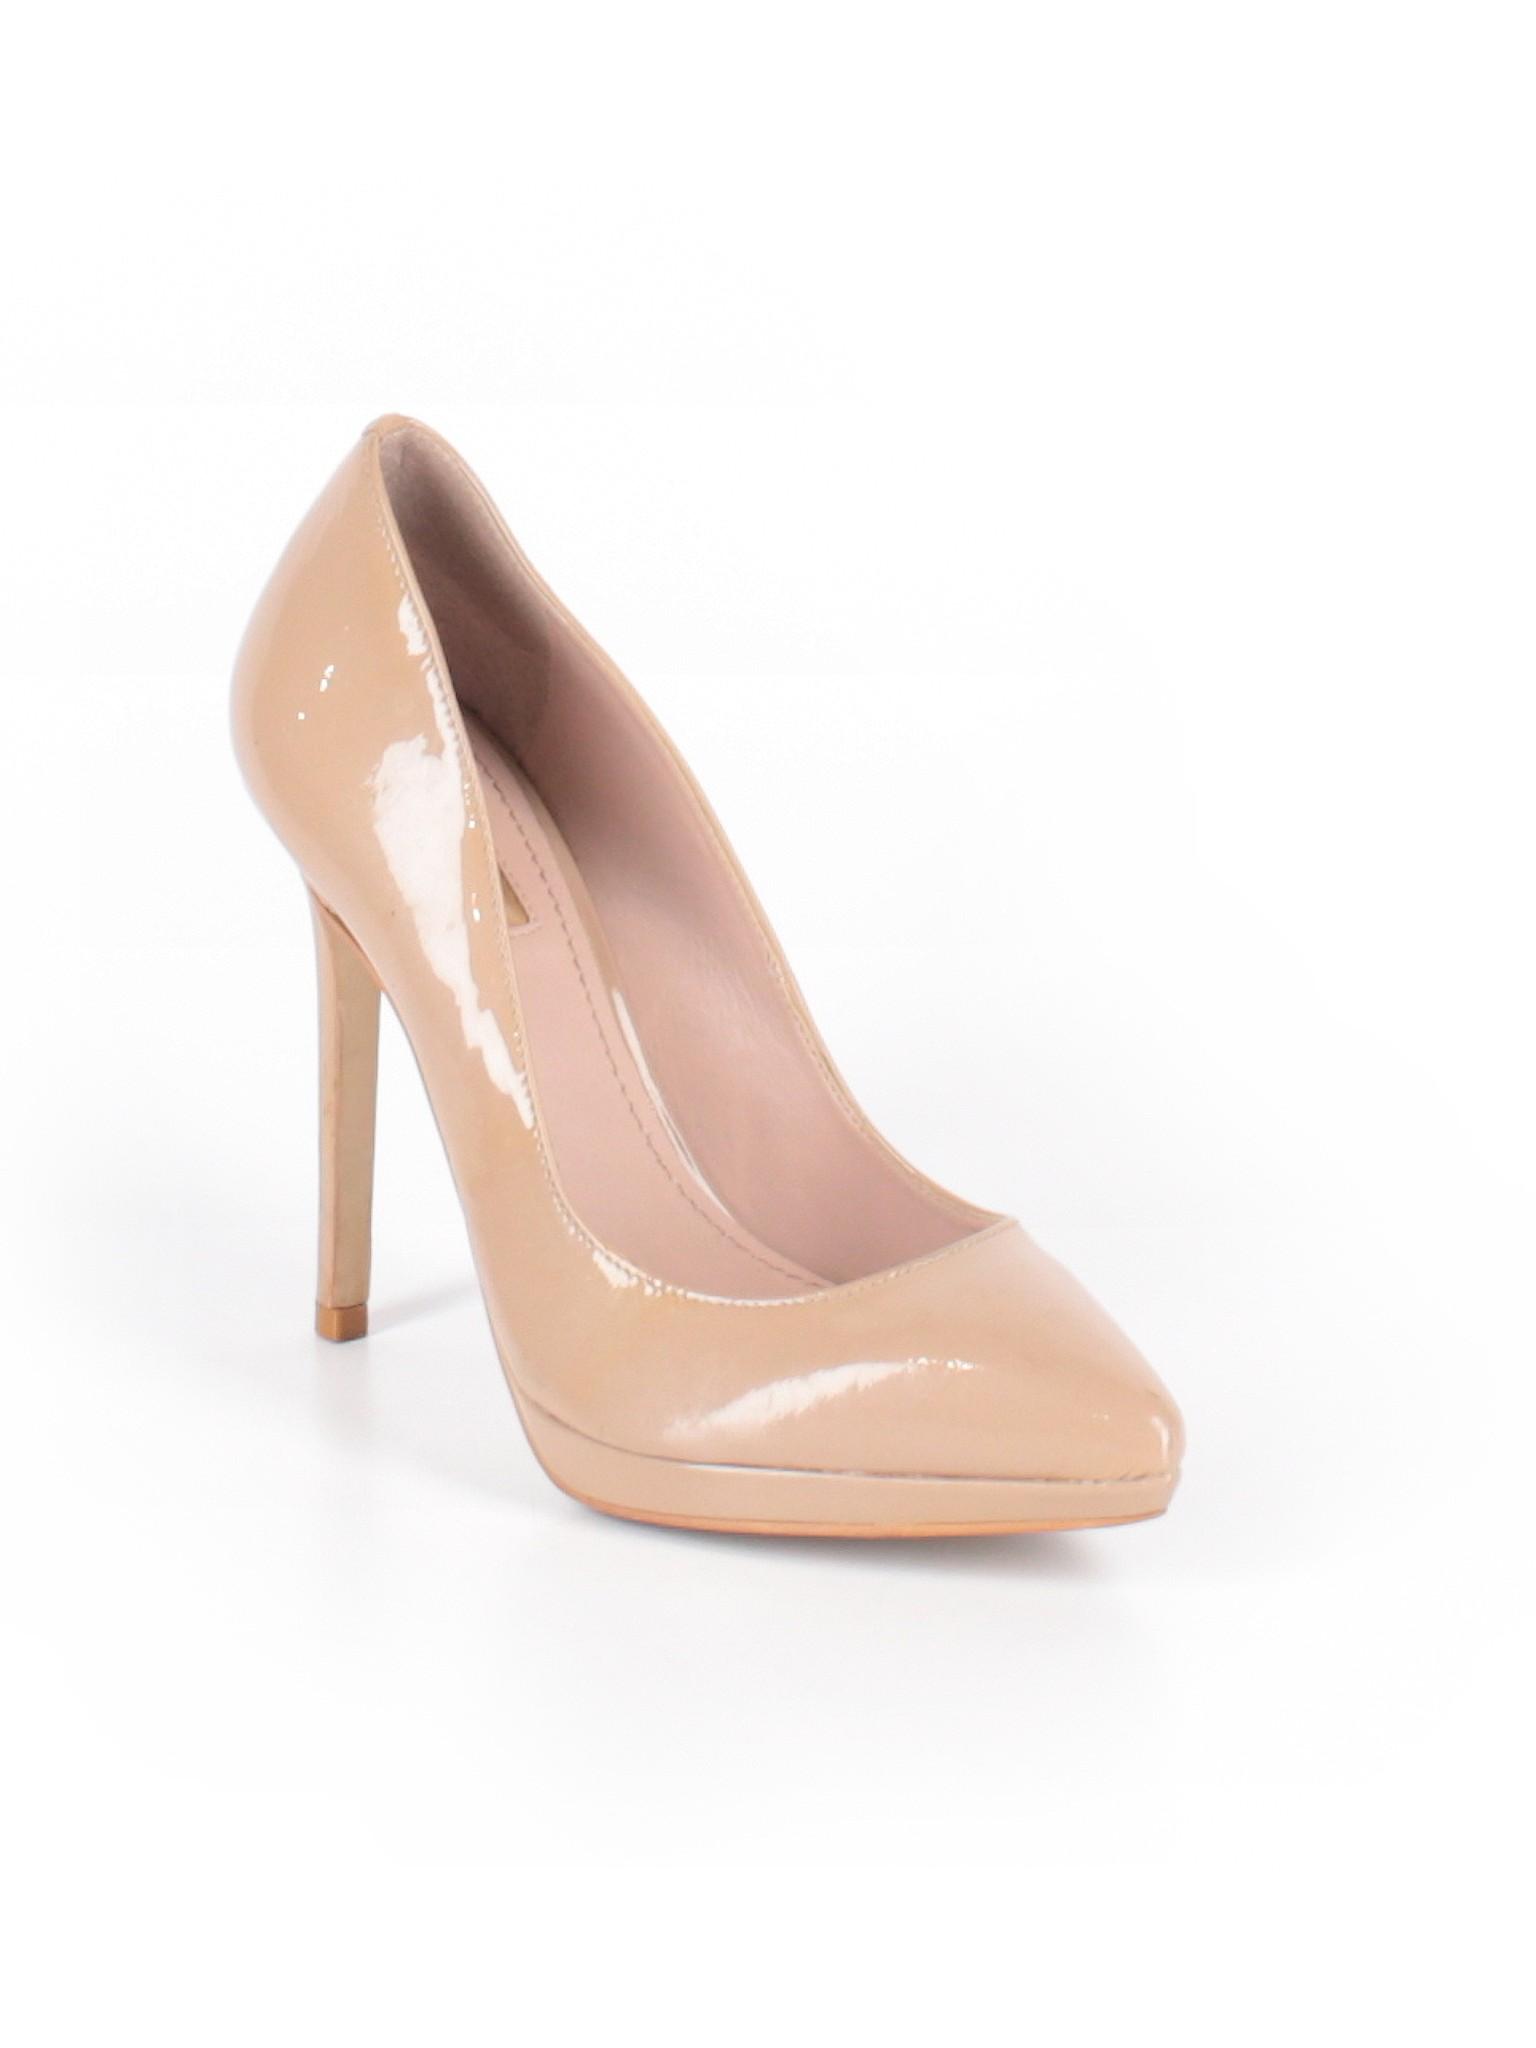 Boutique Heels Boutique Heels REPORT promotion REPORT Boutique REPORT promotion Heels Boutique promotion qfgrqwx